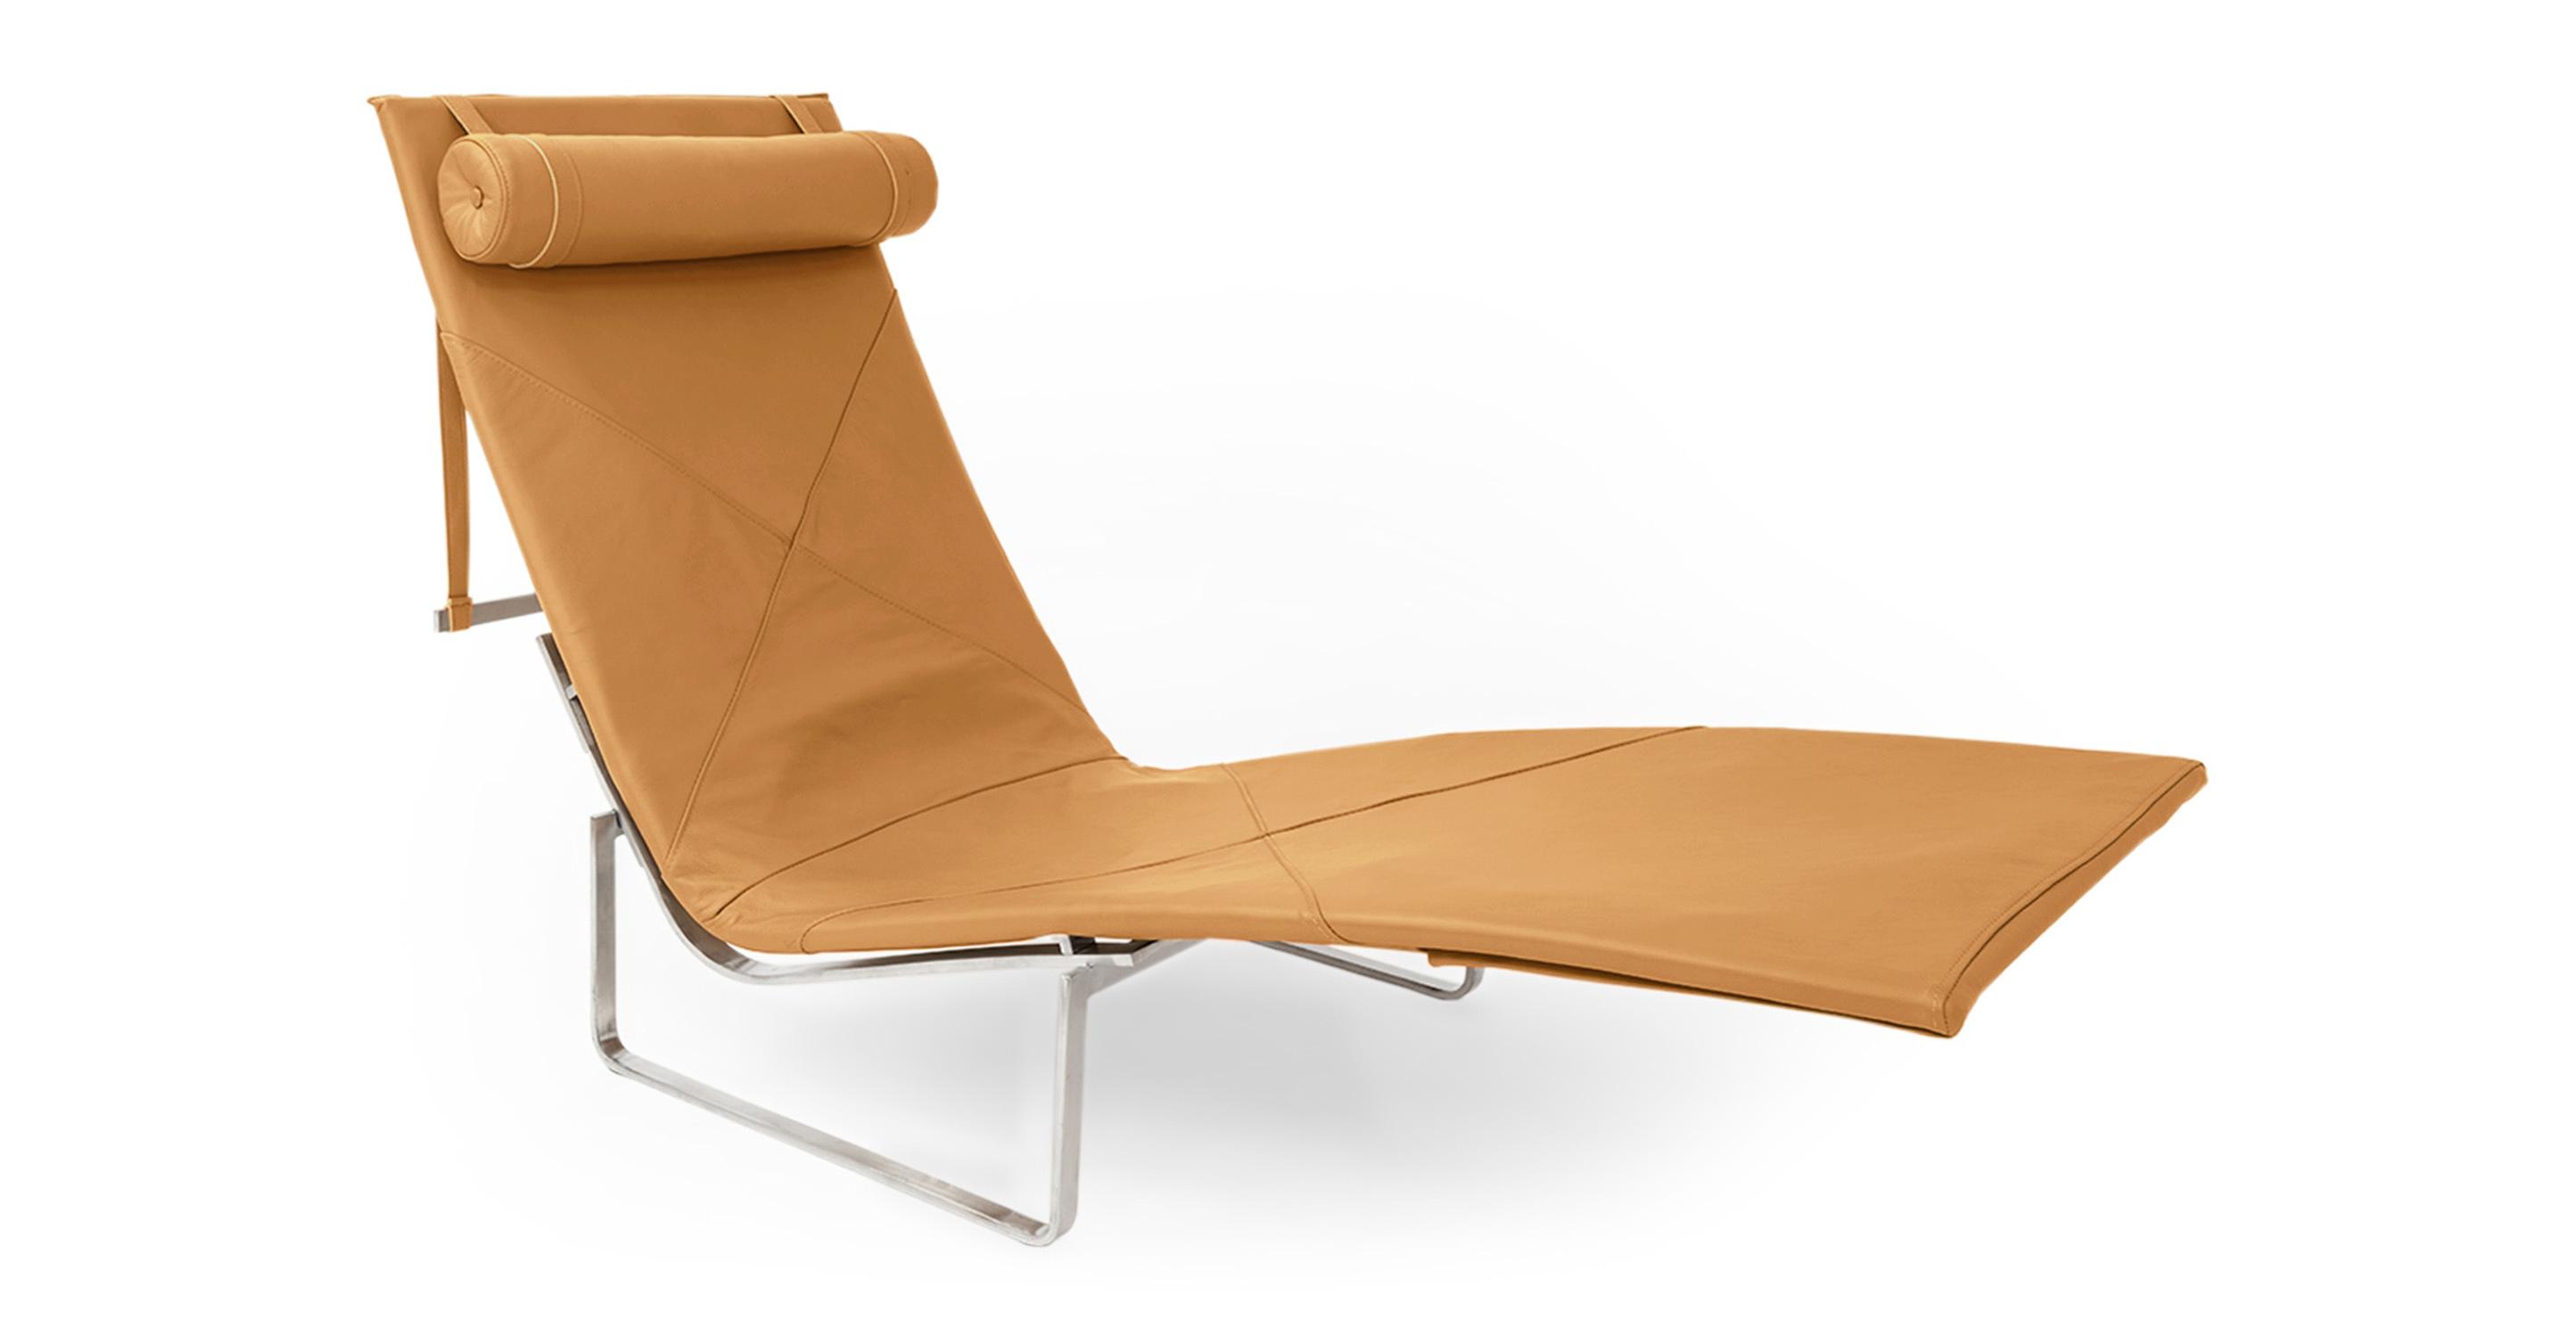 Kardiel PK24 Modern Chaise Lounge Chair, Canyon Aniline L...